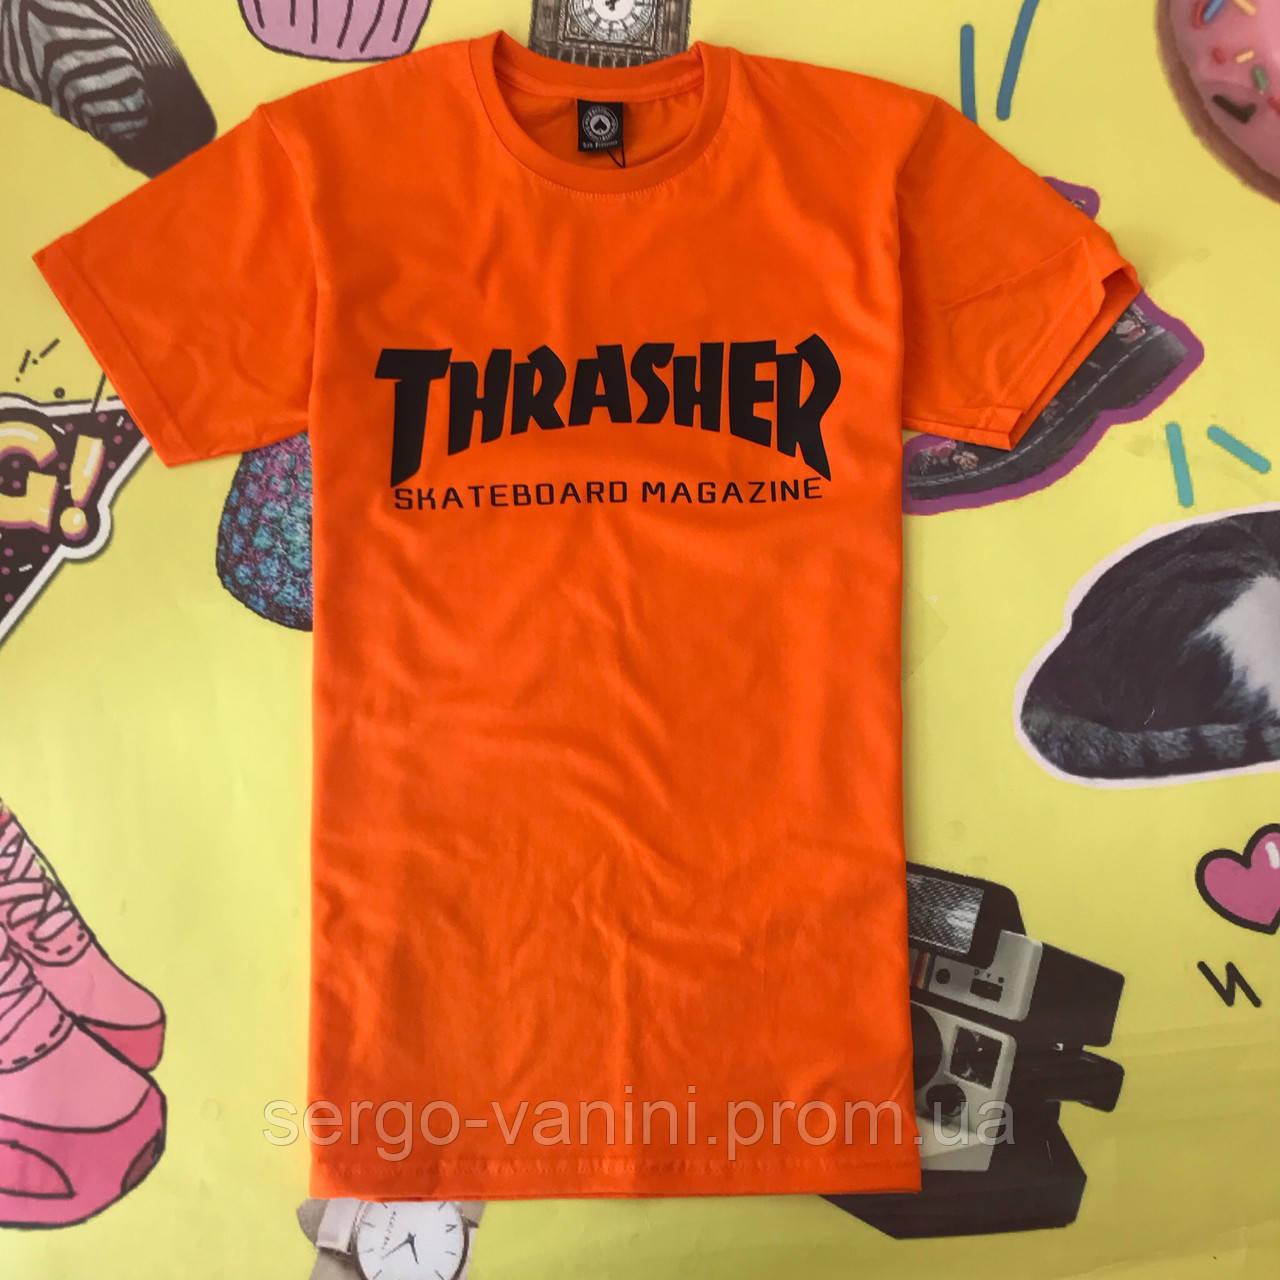 Футболка Thrasher orange (реплика)